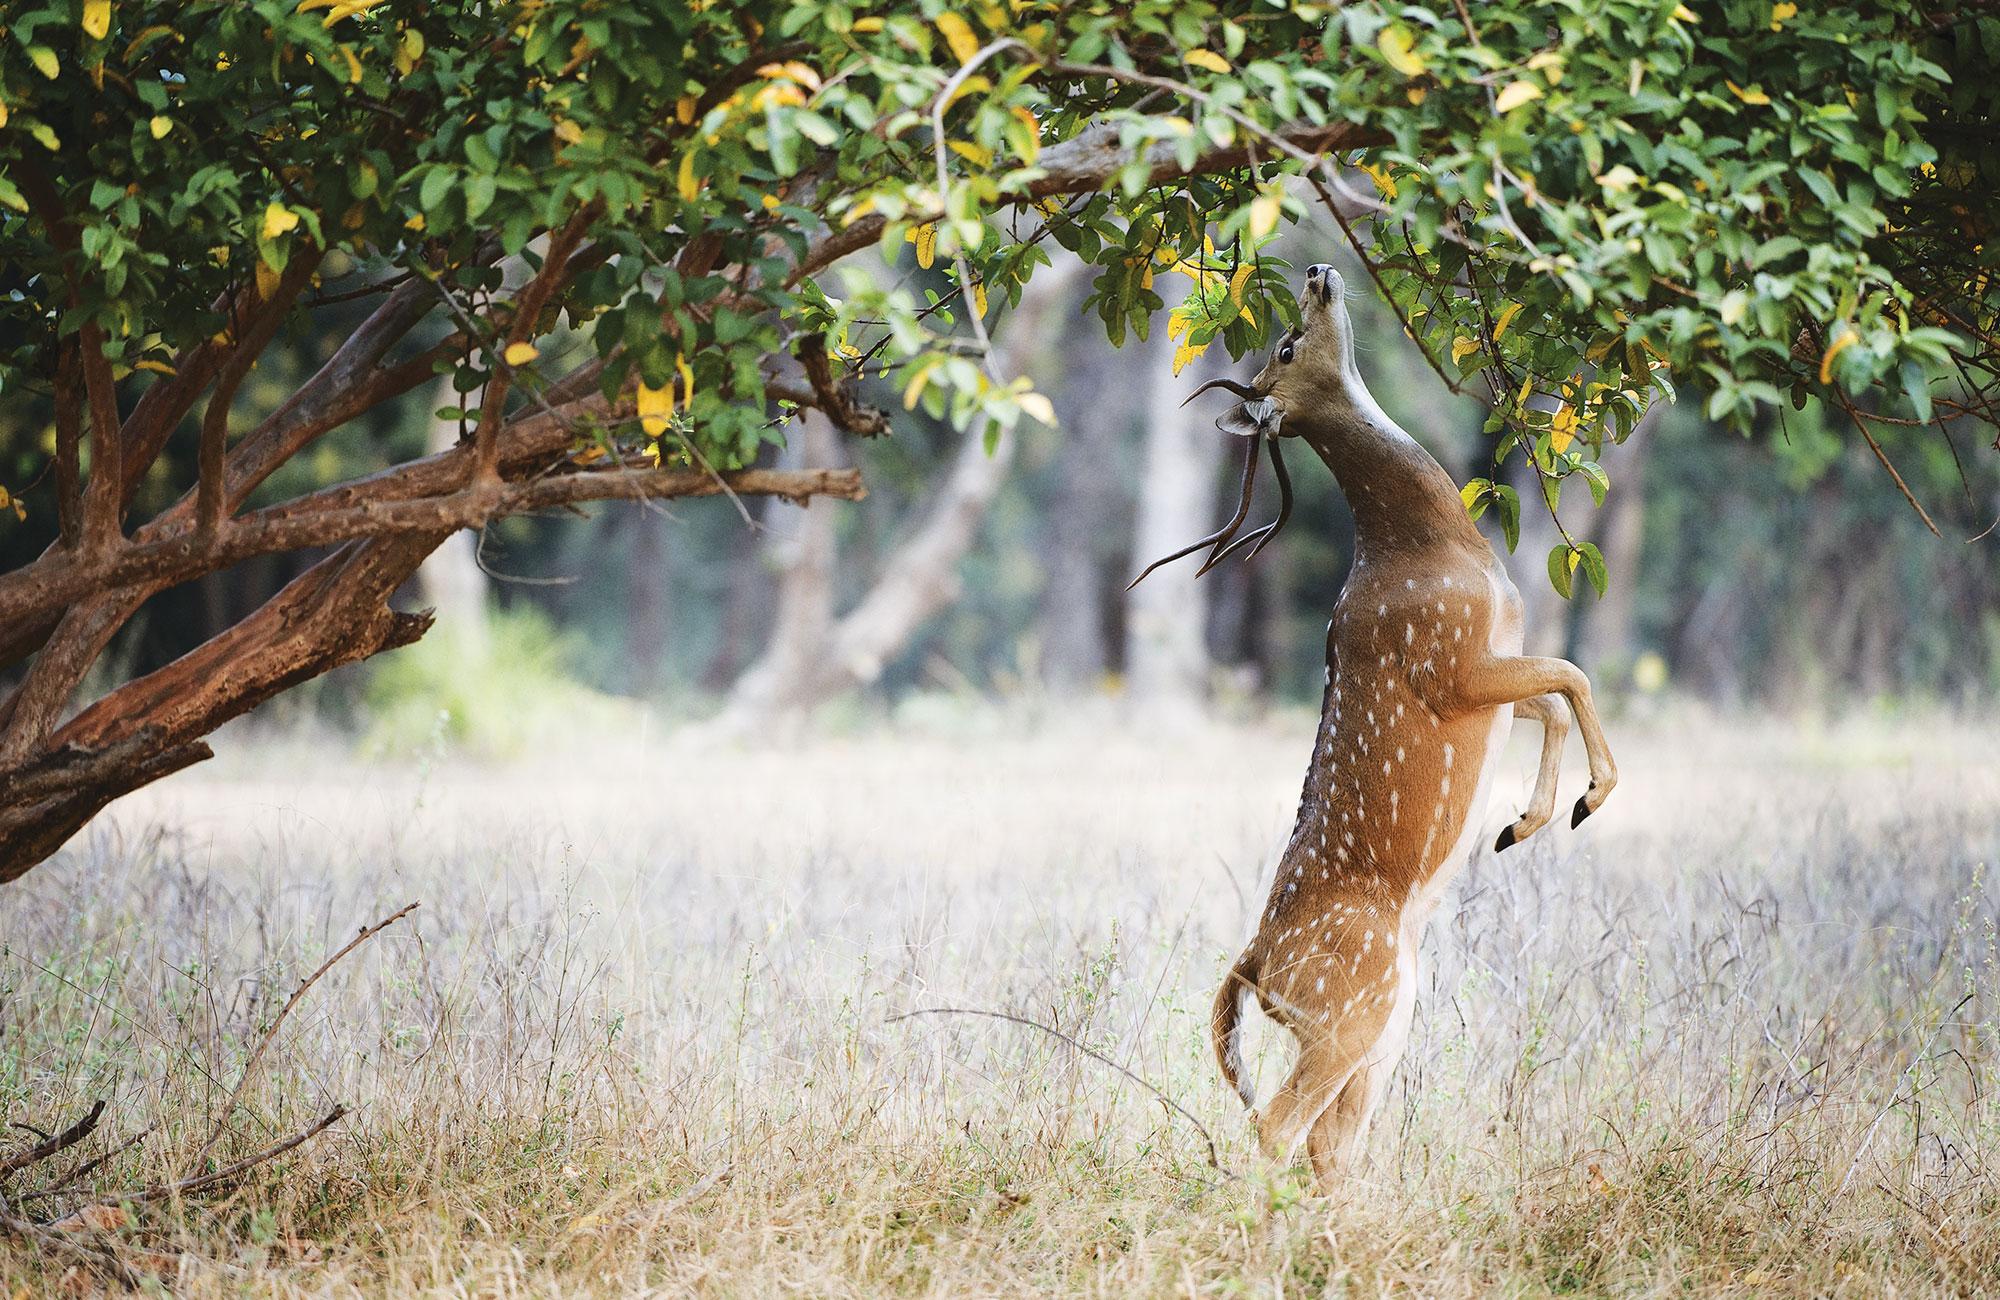 Antilope se nourrissant dressée sur ses pattes arrière dans le Parc de Bandhavgarh